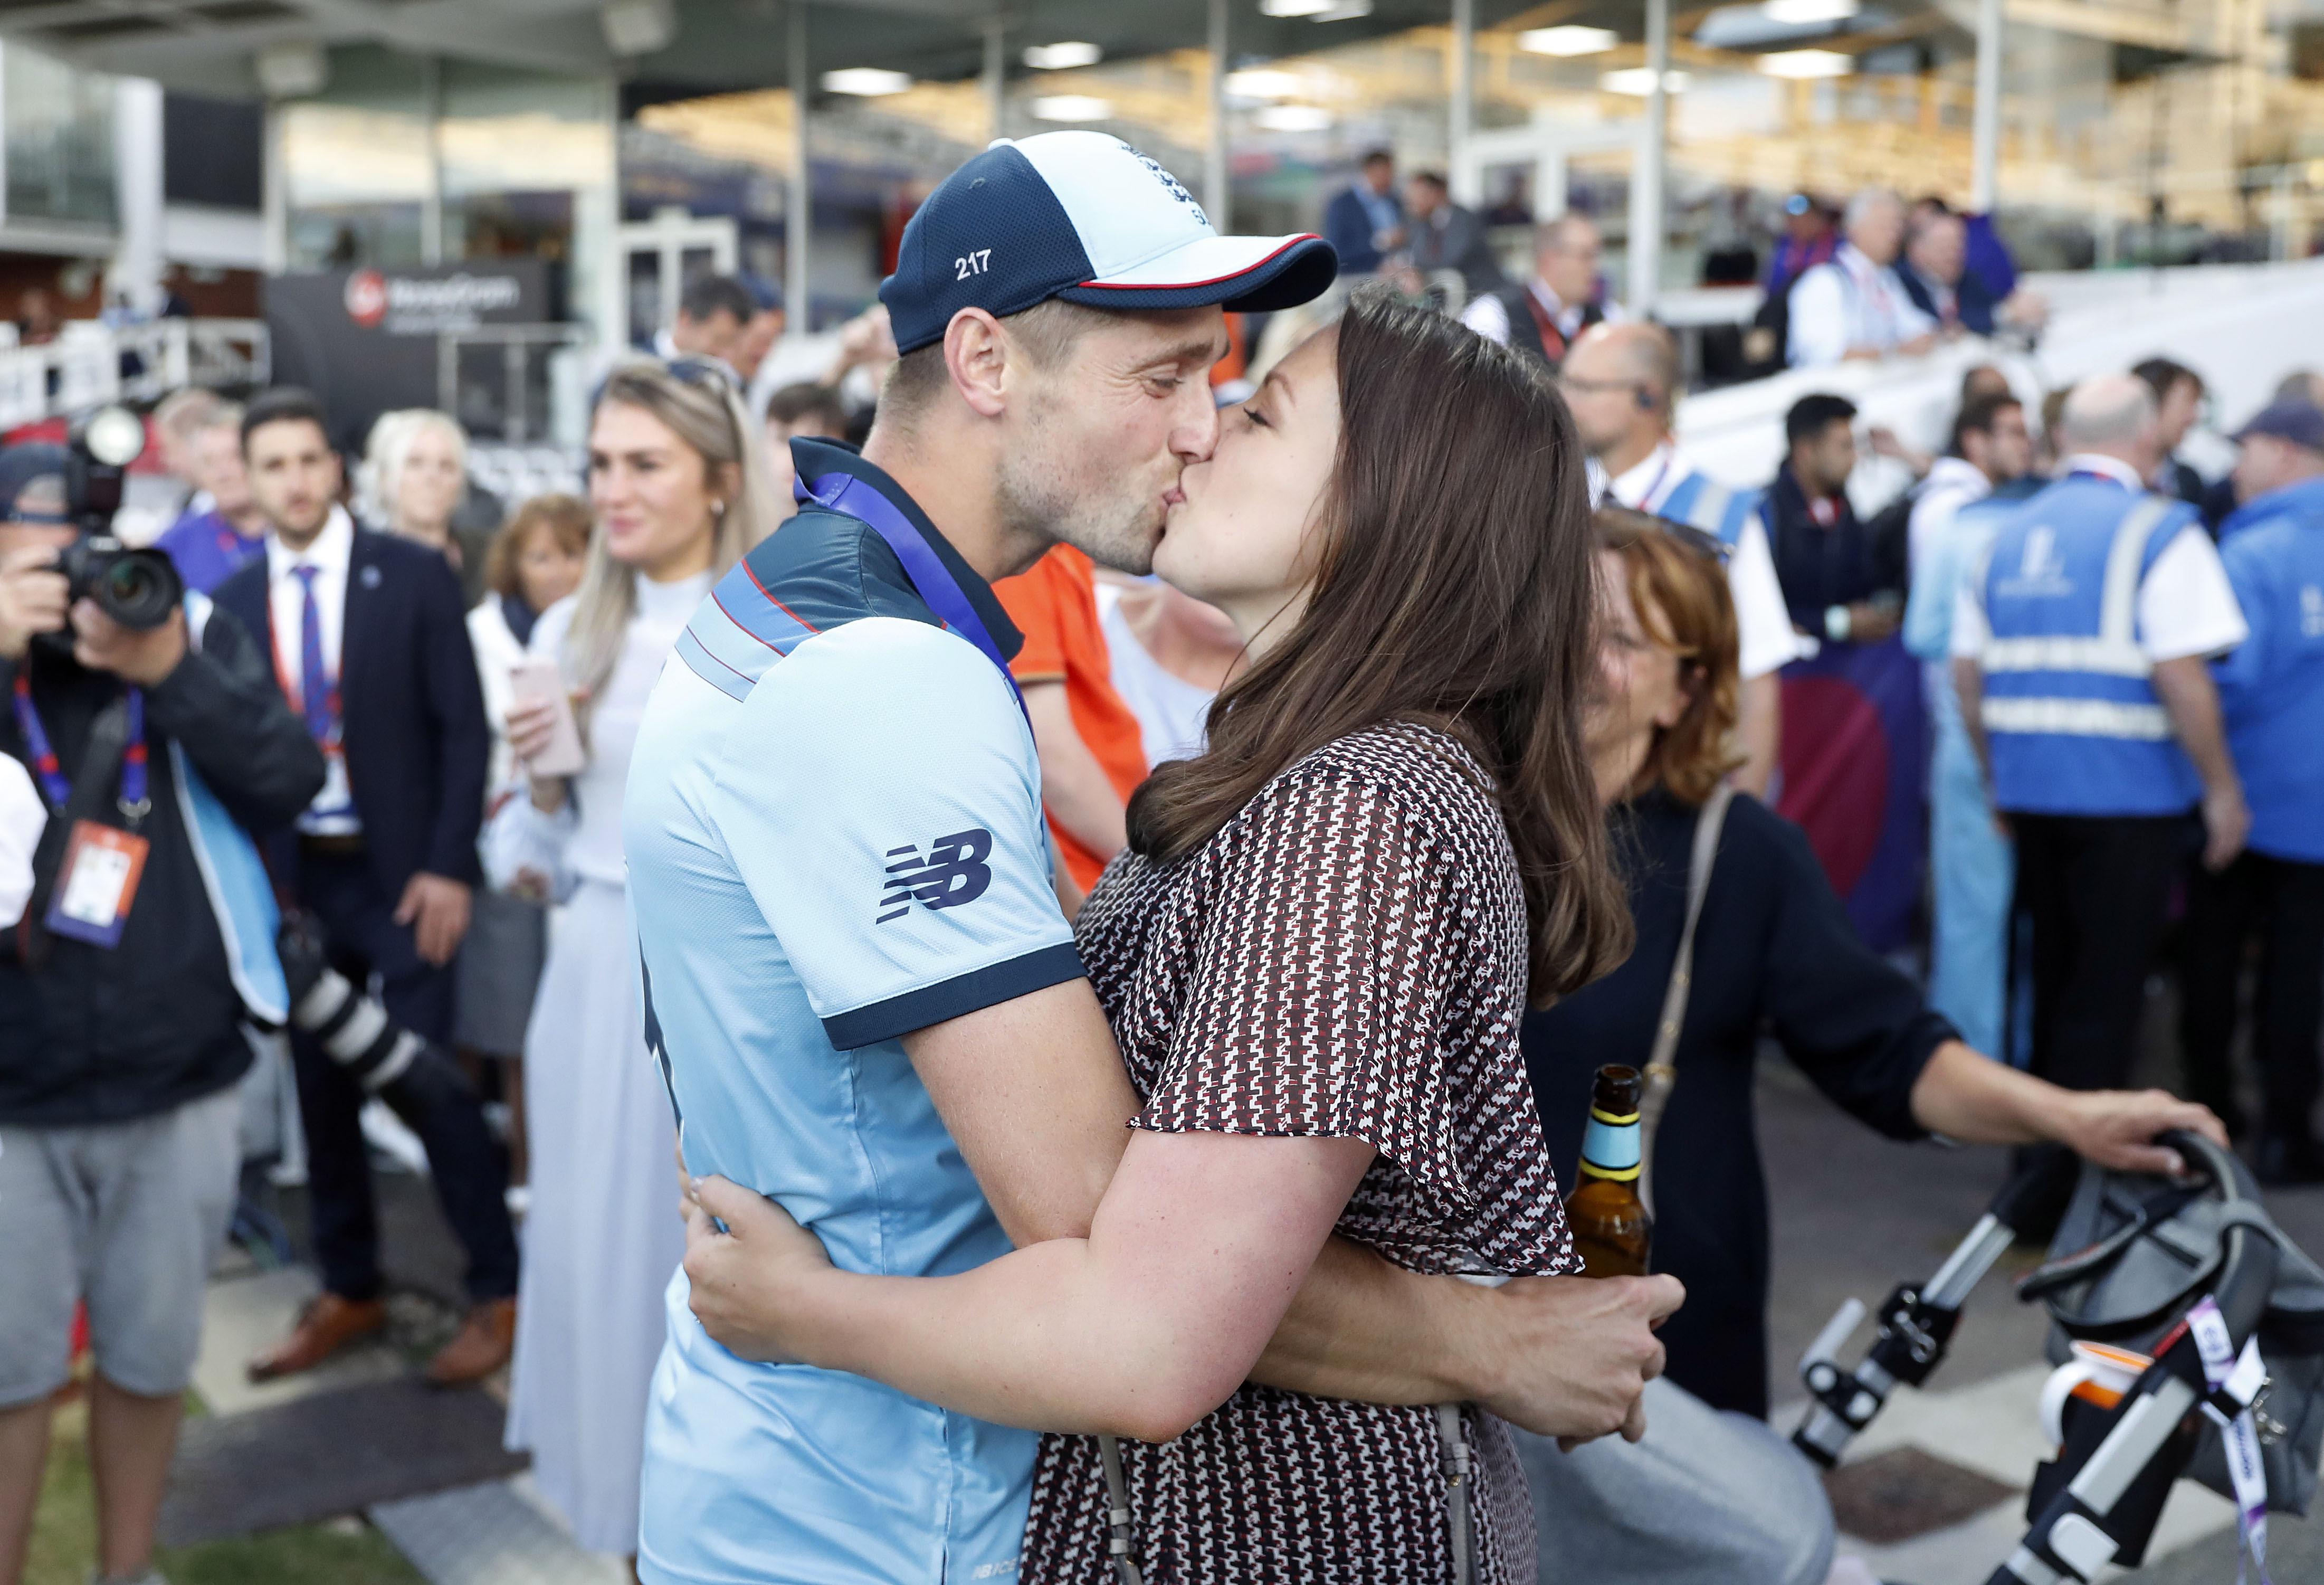 अनुष्का आणि साक्षीच्या जागी आता वर्ल्ड चॅम्पियन खेळाडूंच्या 'या' हॉट पत्नींची चर्चा, पाहा PHOTO